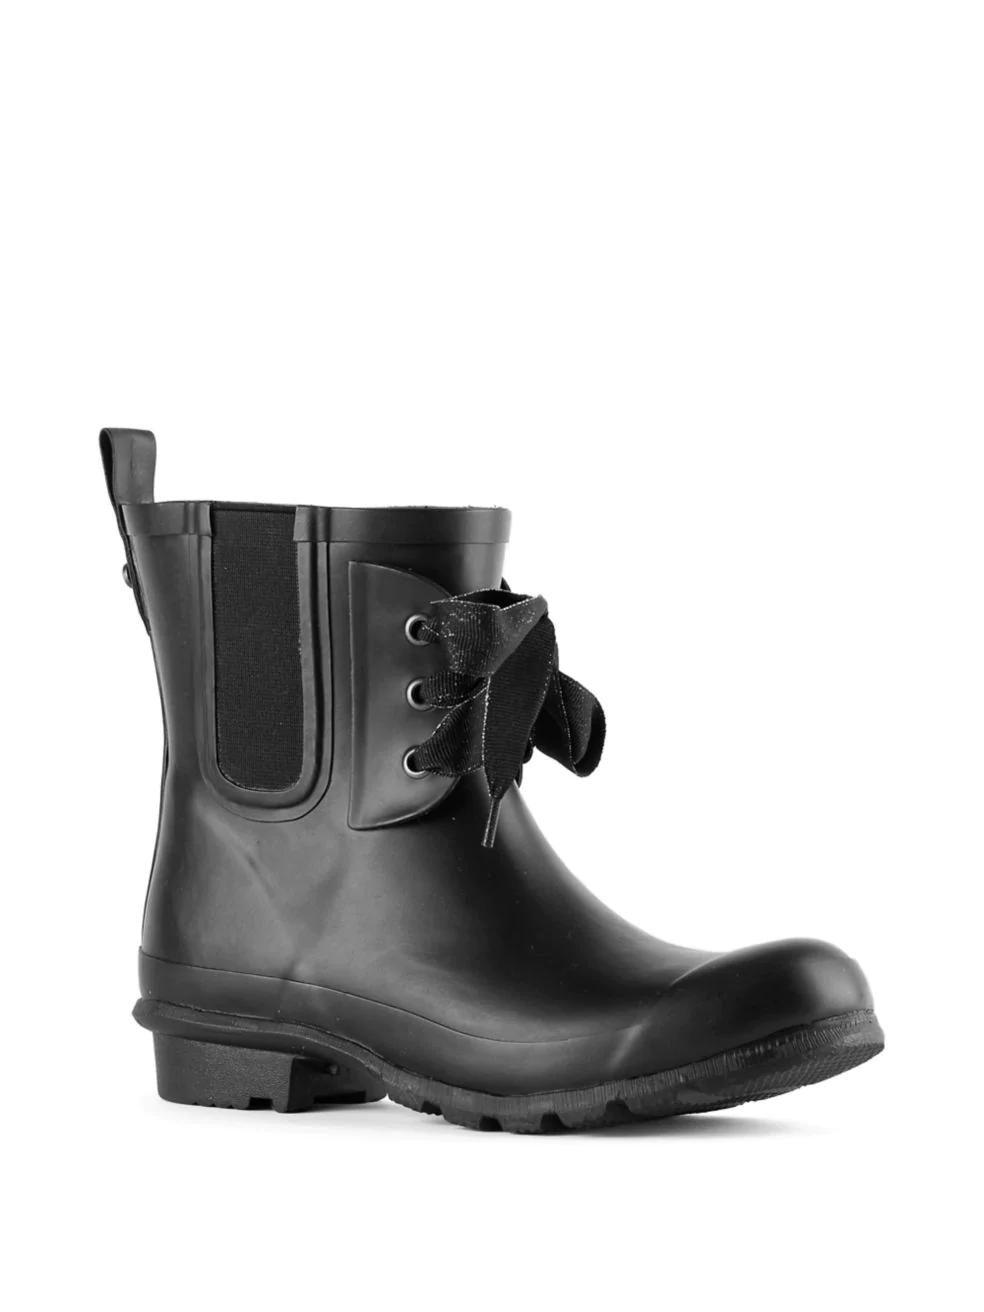 LONDON FOG. Haley II Waterproof Rubber Boots